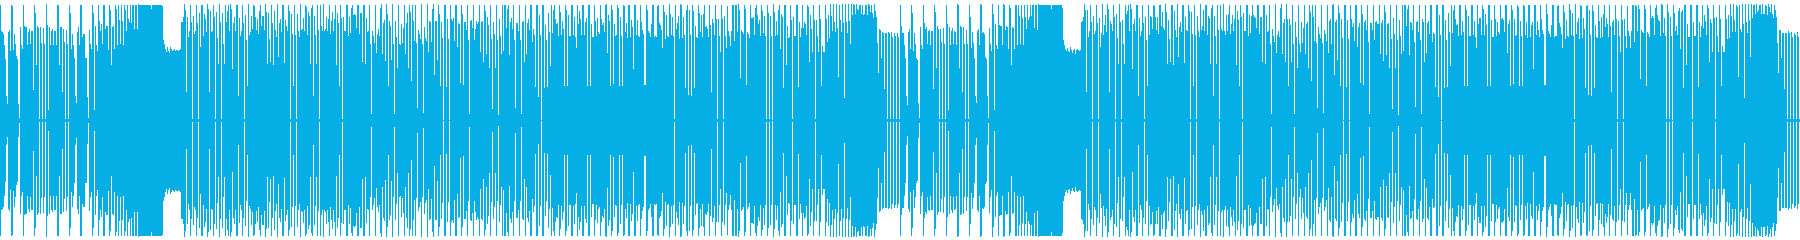 FC風ループ ウィリアムテルの再生済みの波形